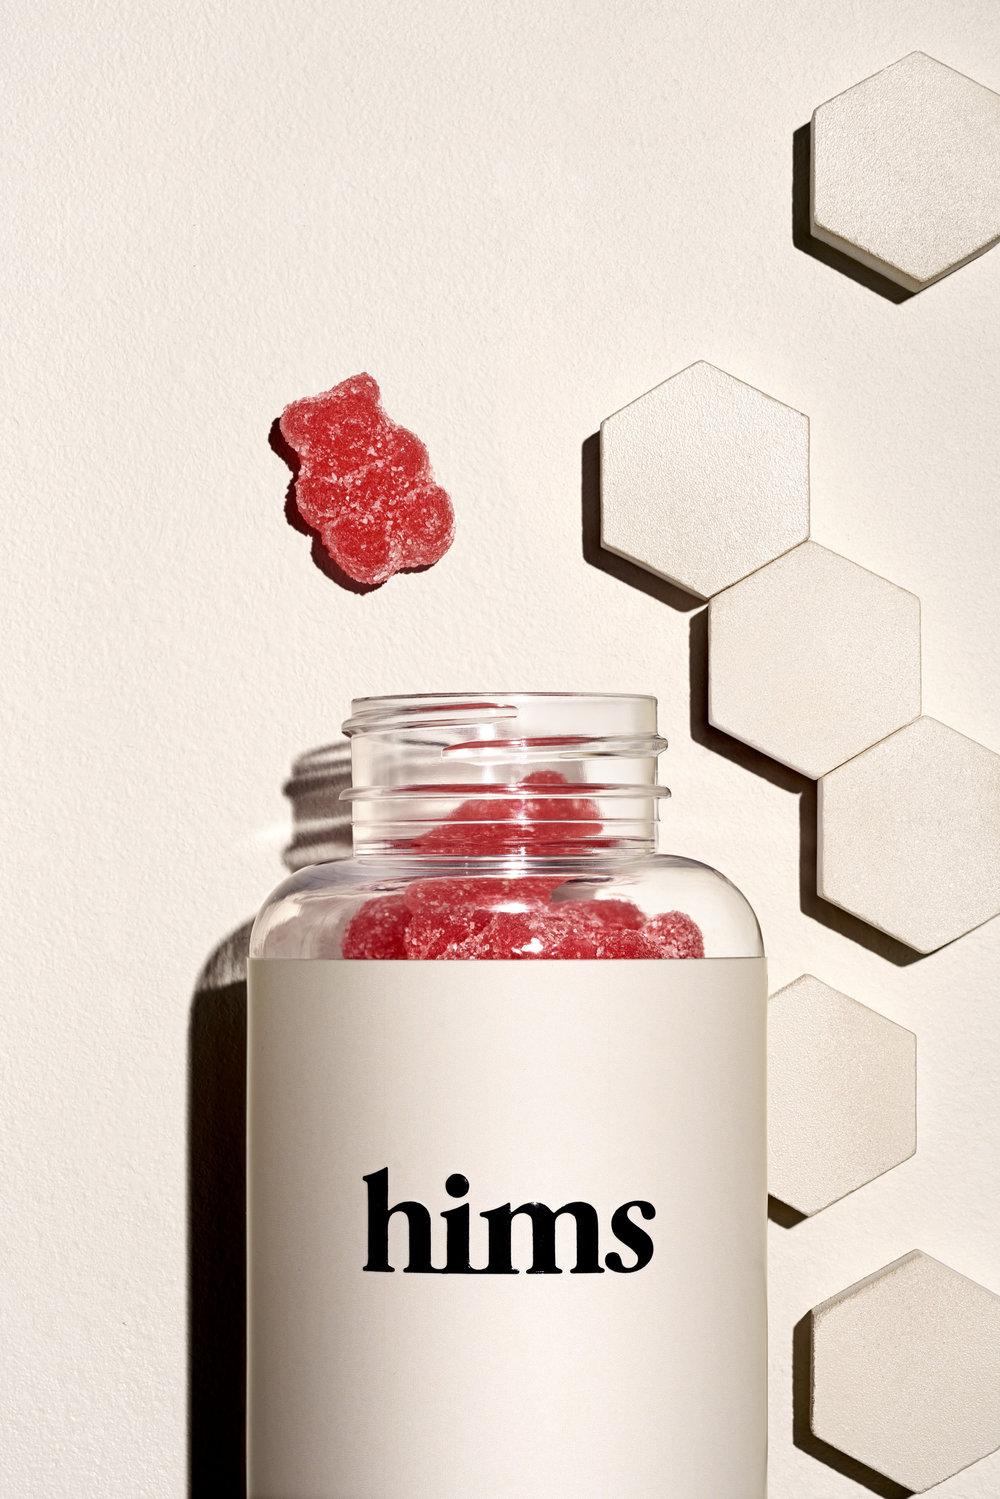 hims vitamins.jpg